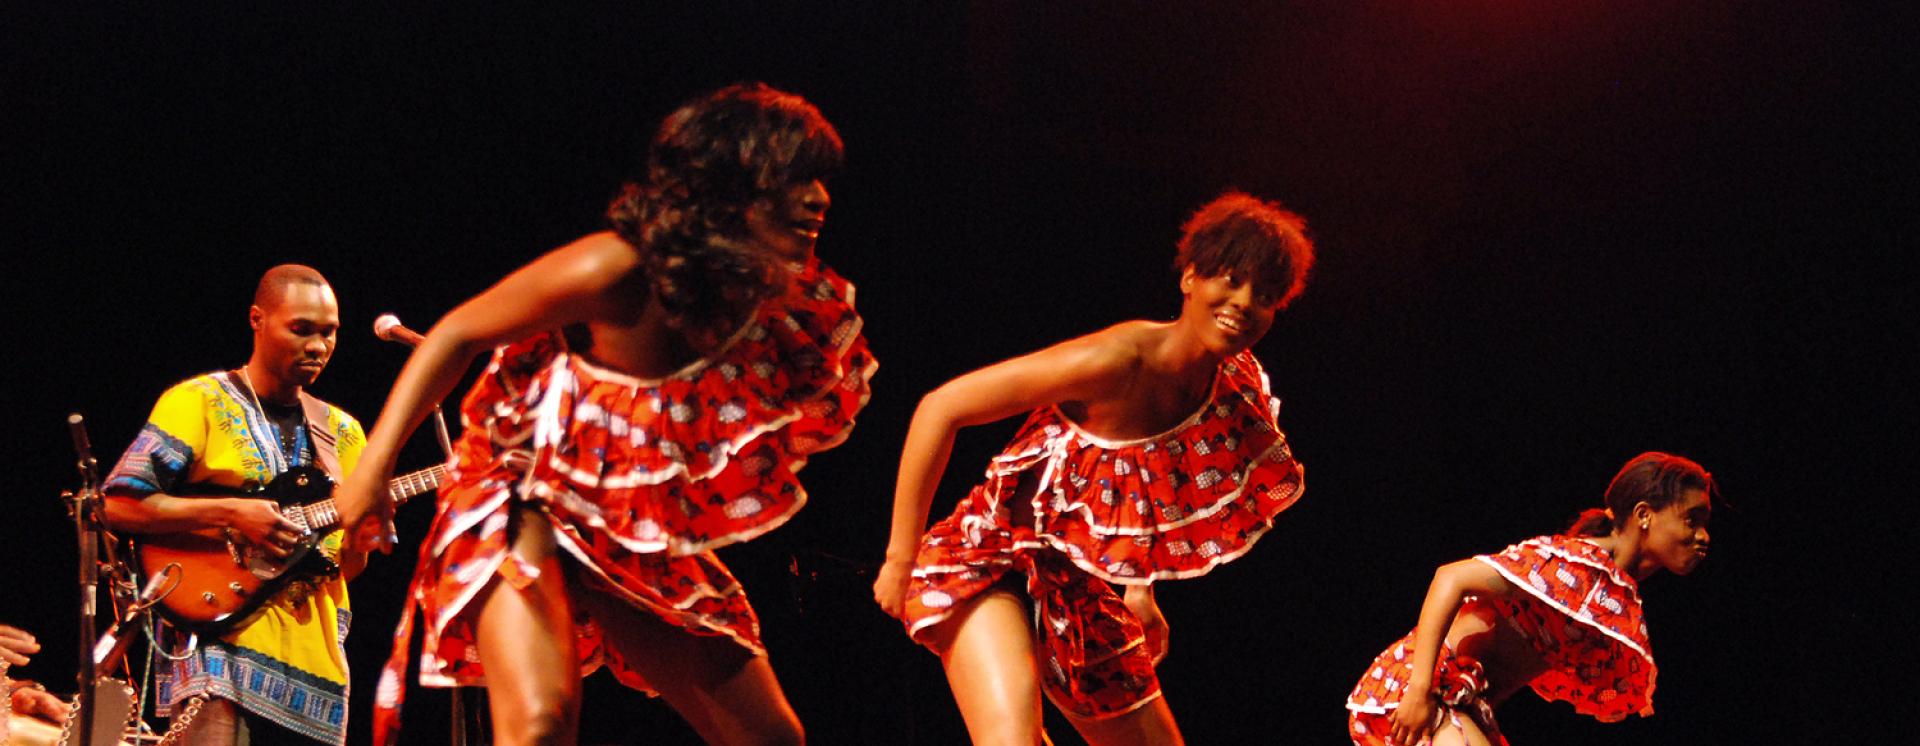 1363772904 kasai masai dancers photo chris talor1 copy